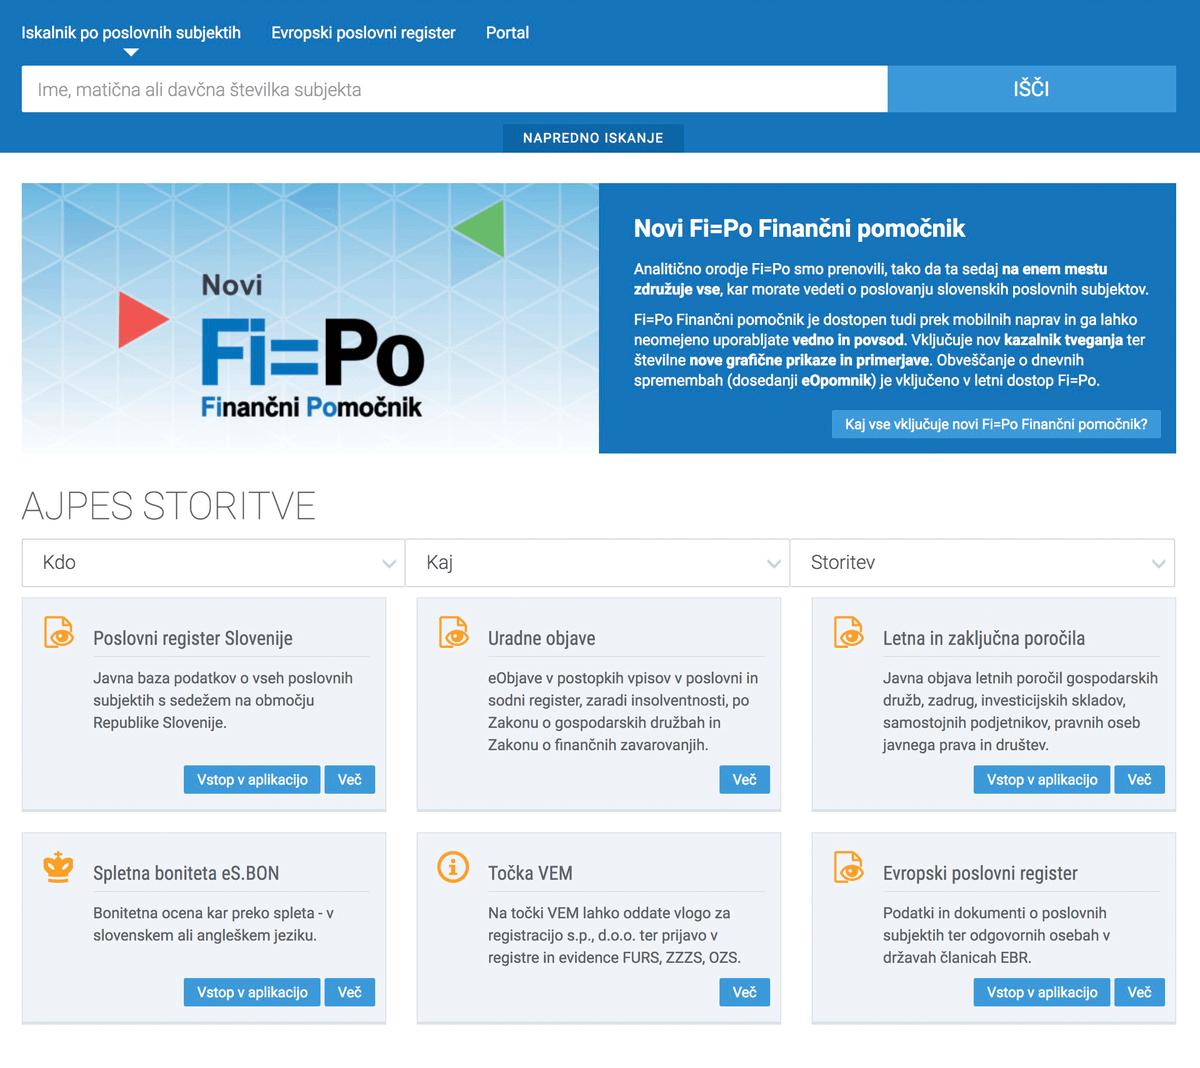 Информация обо всех компаниях Словении, включая их годовую отчетность, есть в открытом доступе на сайте AJPES